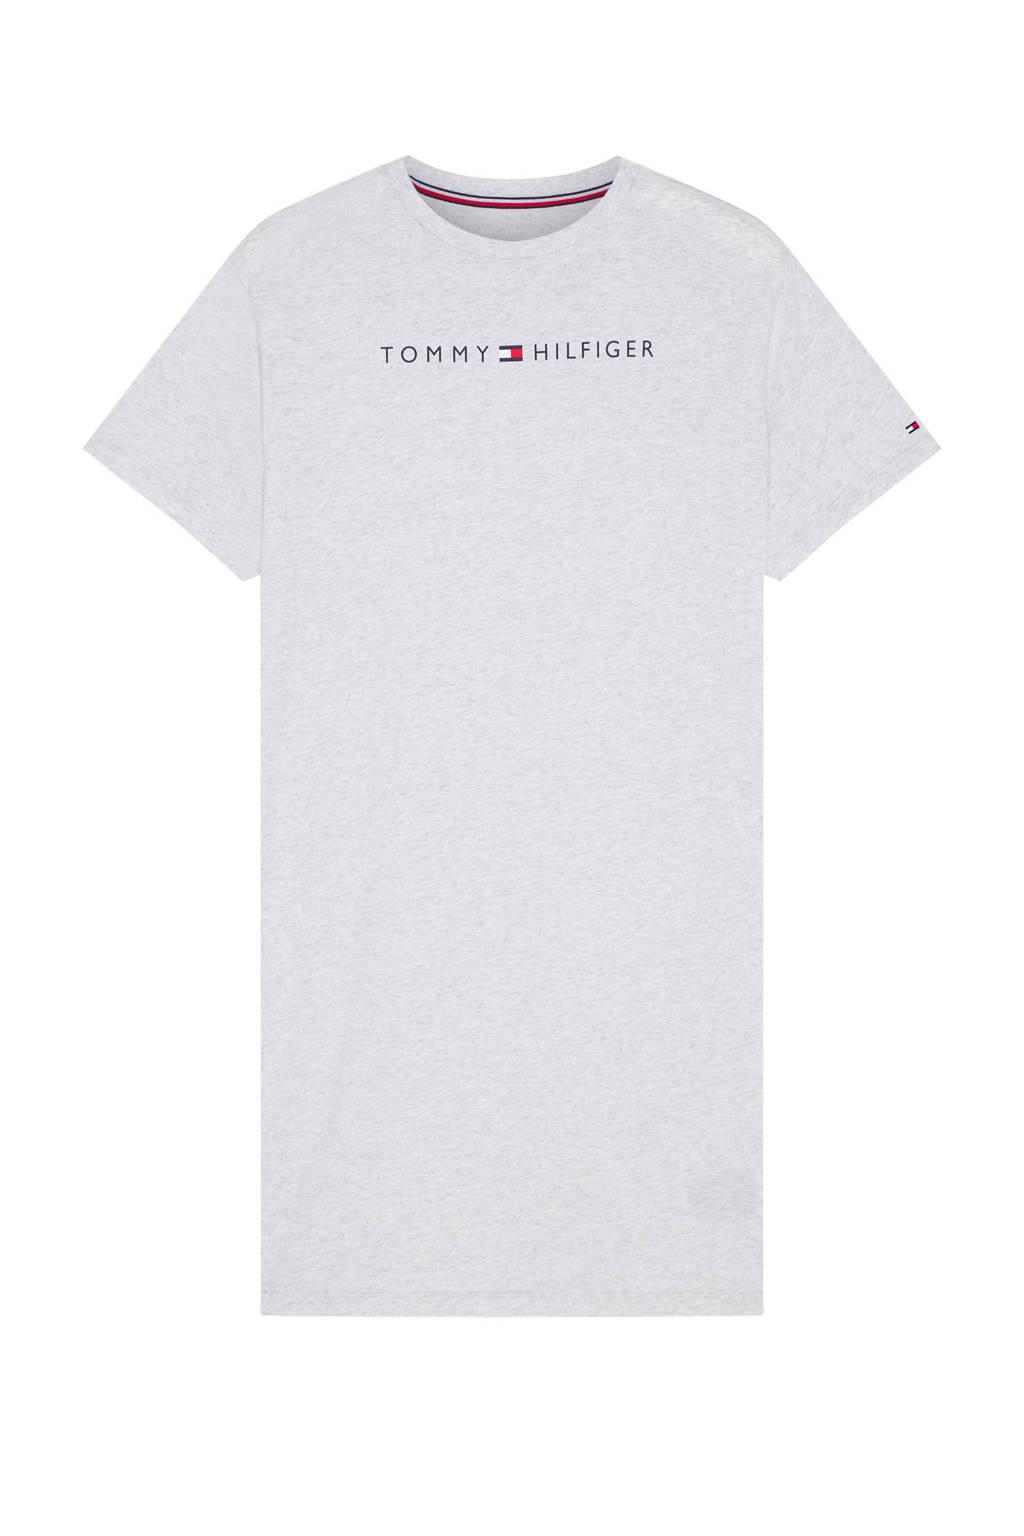 Tommy Hilfiger nachthemd met printopdruk lichtgrijs, Lichtgrijs